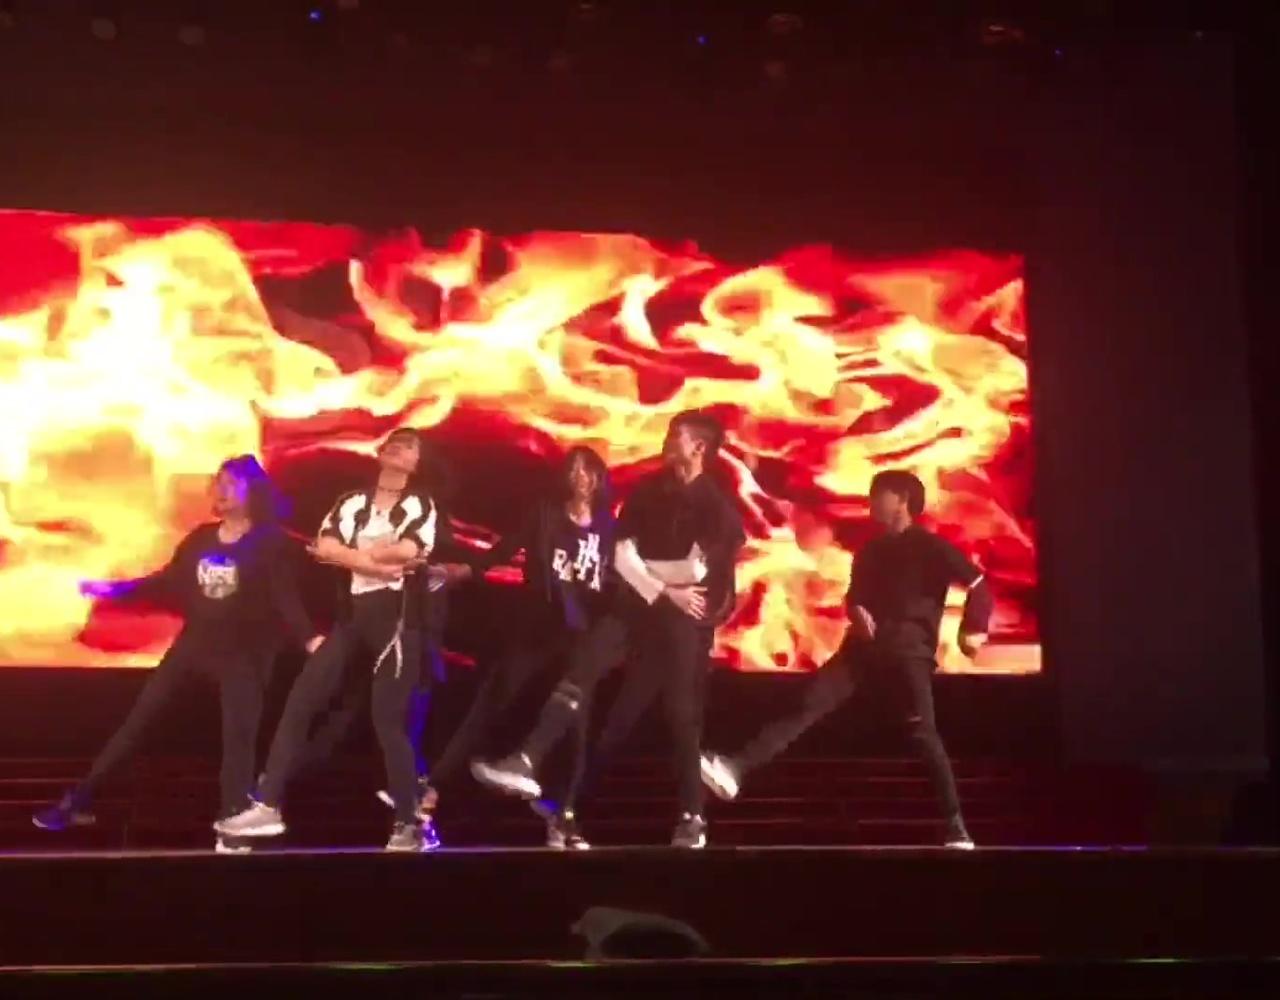 【厦外街舞社】厦门六中十佳歌手赛 串场表演